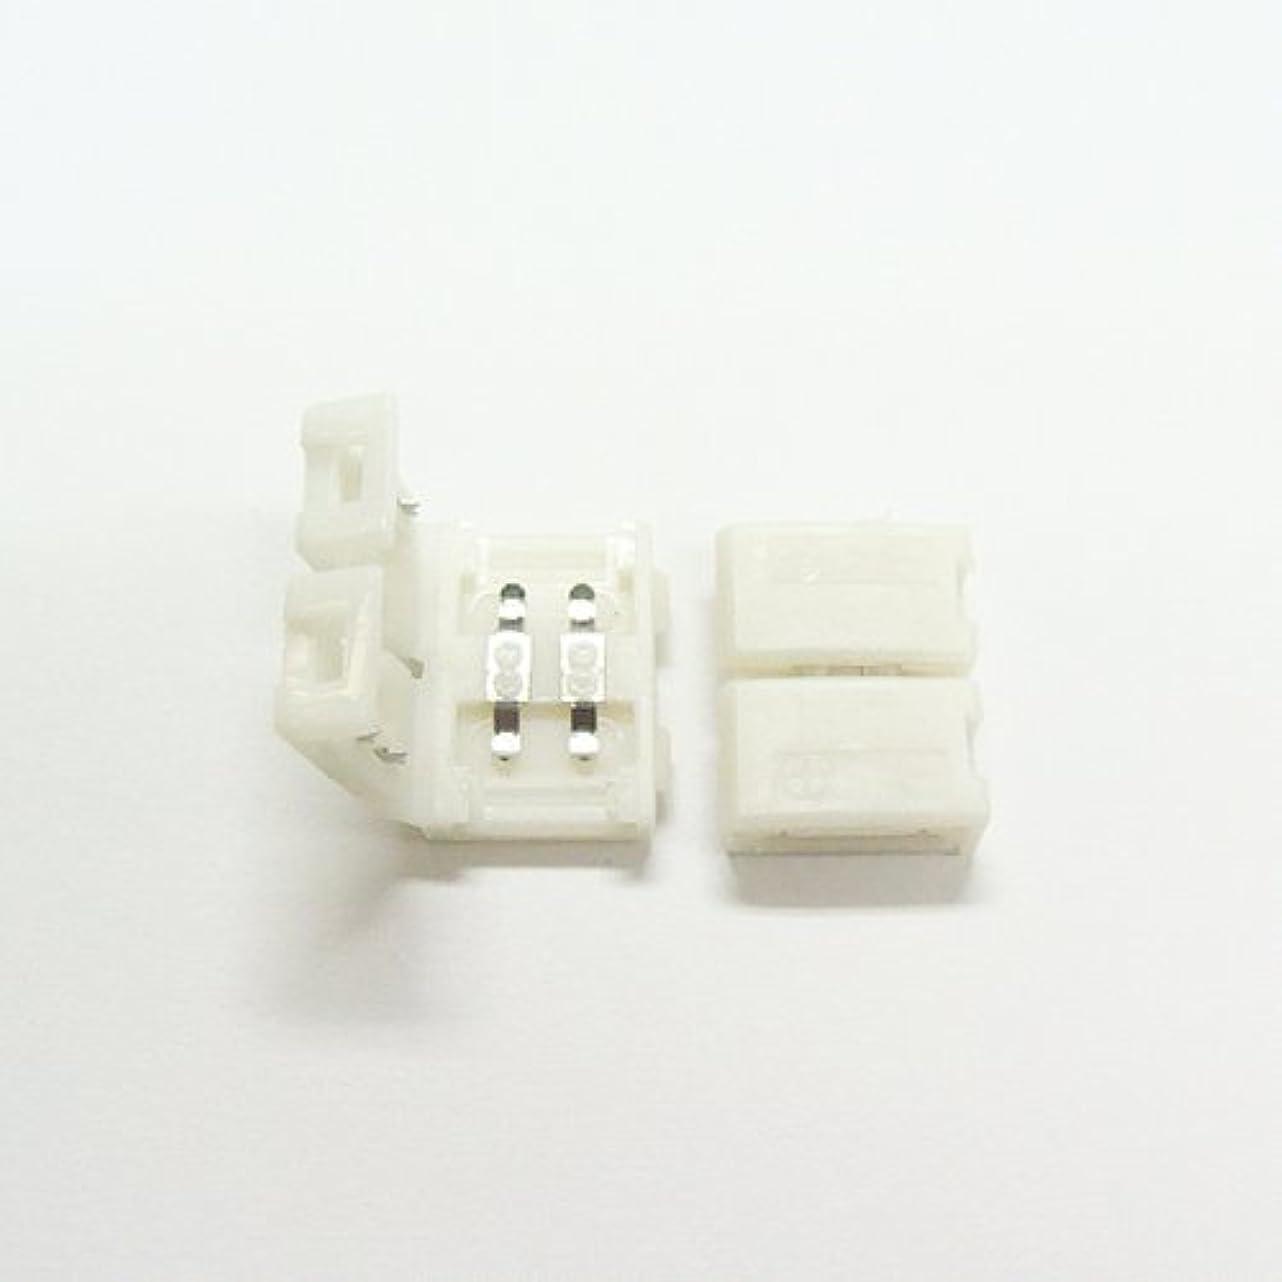 陰気テラス精神電光ホーム LEDテープ 連結用 コネクタ キャップ 3528smd 単色用 幅 0.8cm